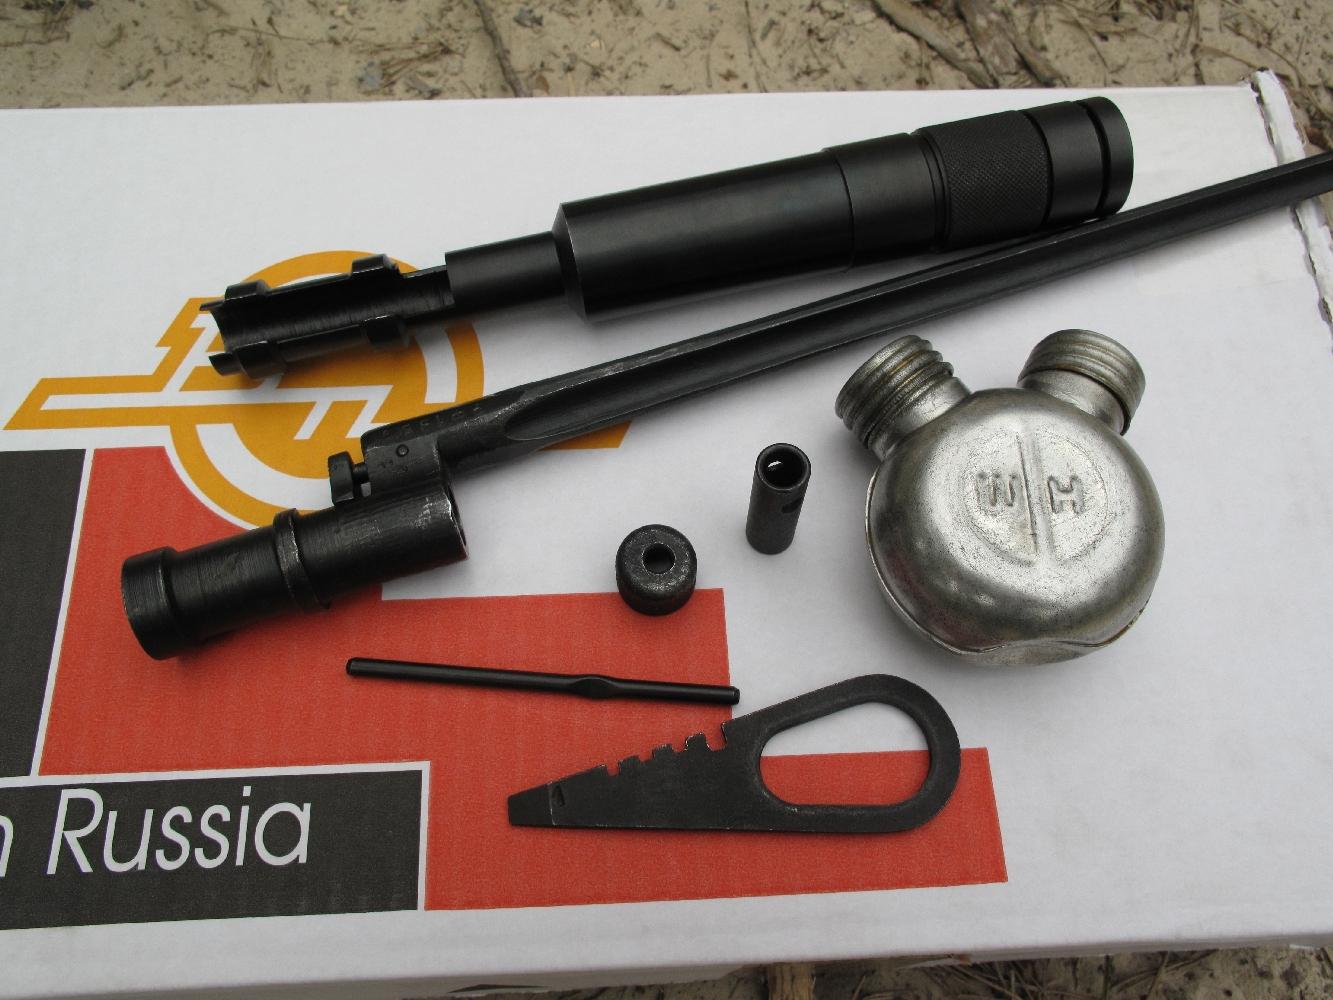 Quelques accessoires pour le fusil Mosin-Nagant, de bas en haut : - outil tournevis, permettant également de dévisser le percuteur et de contrôler sa longueur ; - embout avec son axe transversal servant de poignée à la baguette de nettoyage ; - protège-bouche, pour éviter le frottement de la baguette de nettoyage ; - huilier en aluminium à 2 compartiments étanches (produit nettoyant et lubrifiant) : - baïonnette, dont l'extrémité peut également être utilisée comme tournevis ; - modérateur de son à membranes en caoutchouc et fixation à baïonnette (chez AAS Sniper).